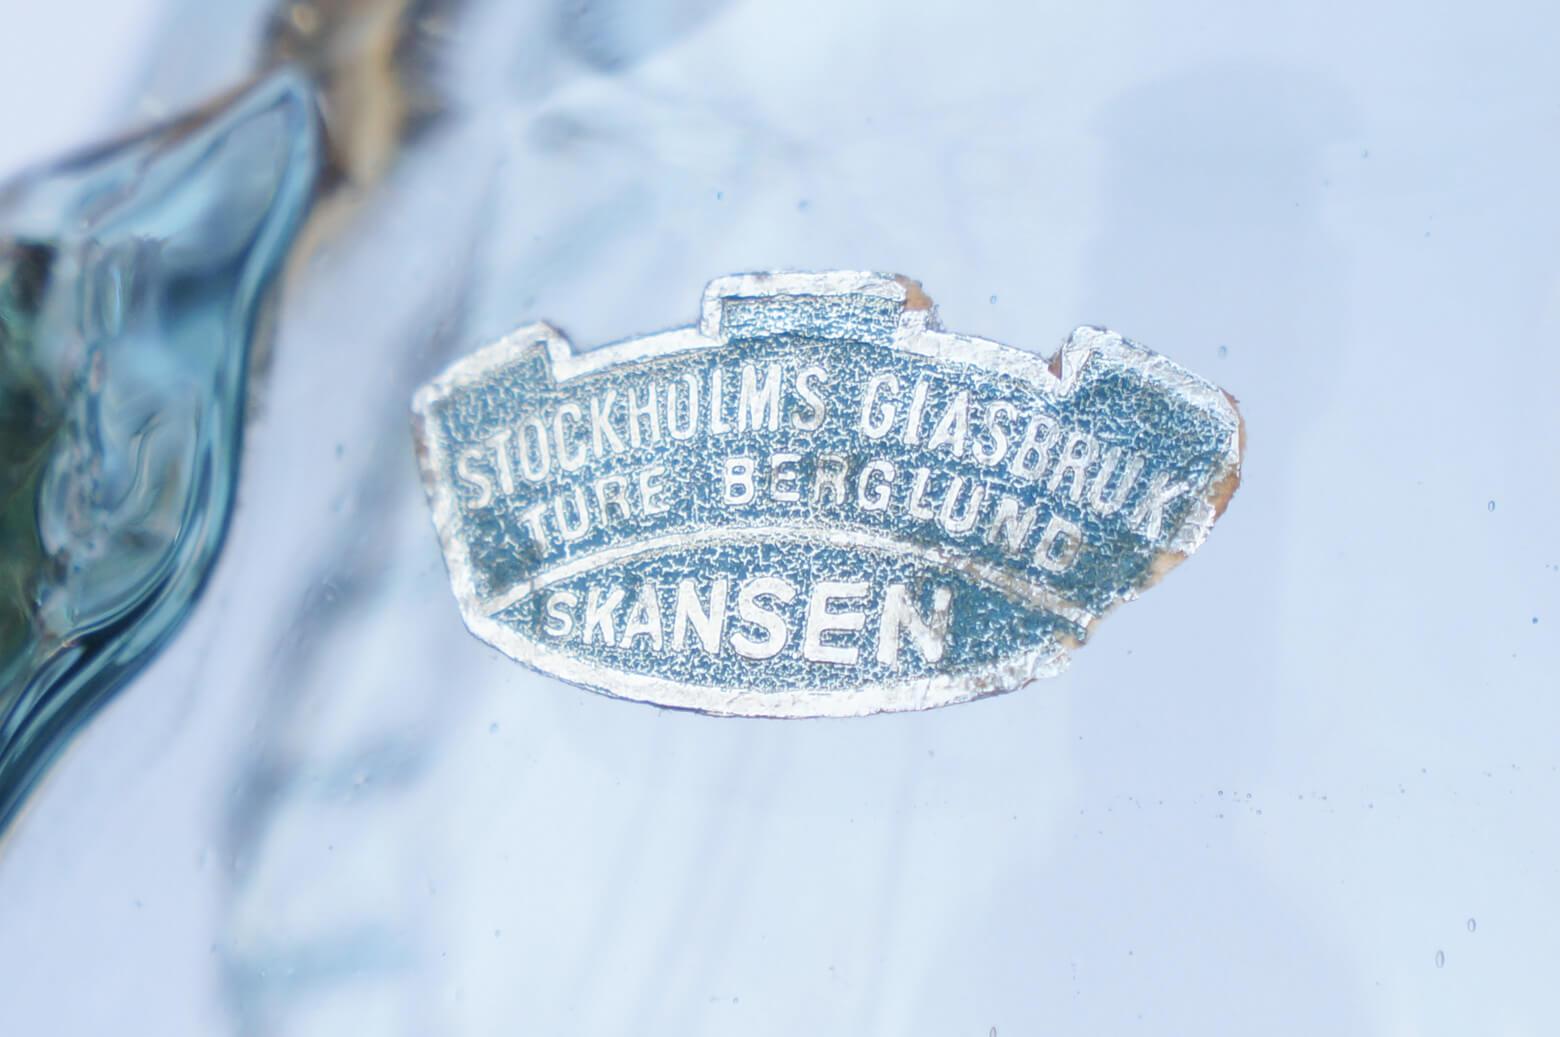 Stockholms Glasbruk Skansen Glass Bottle/ストックッホルム ガラスブルック スカンセン ボトル カラフェ スウェーデン 北欧雑貨